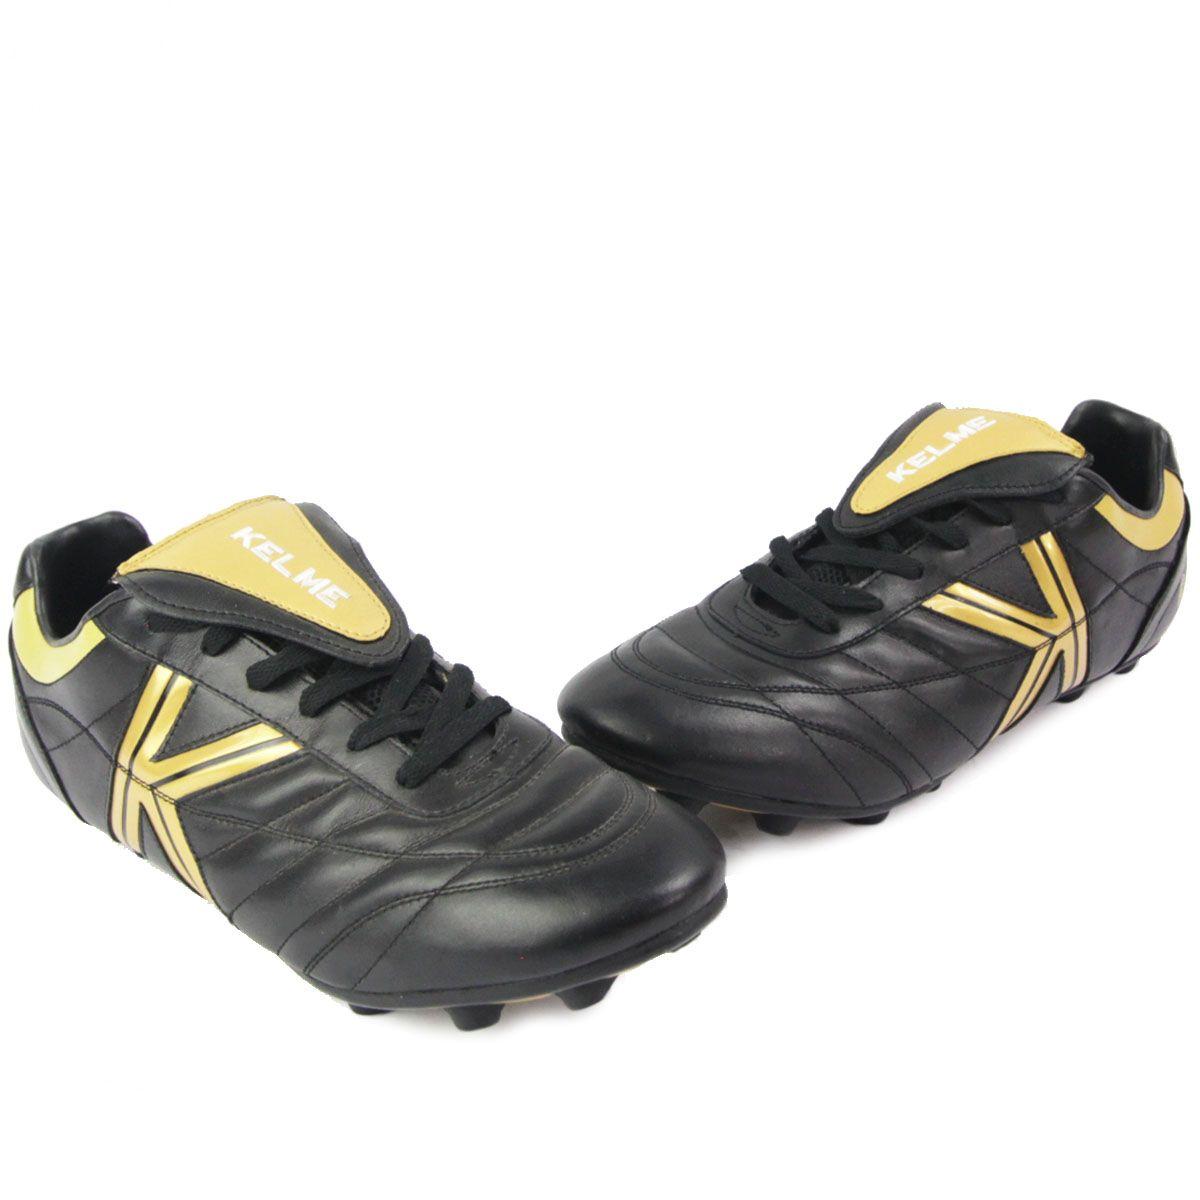 Buty Sportowe XCORE